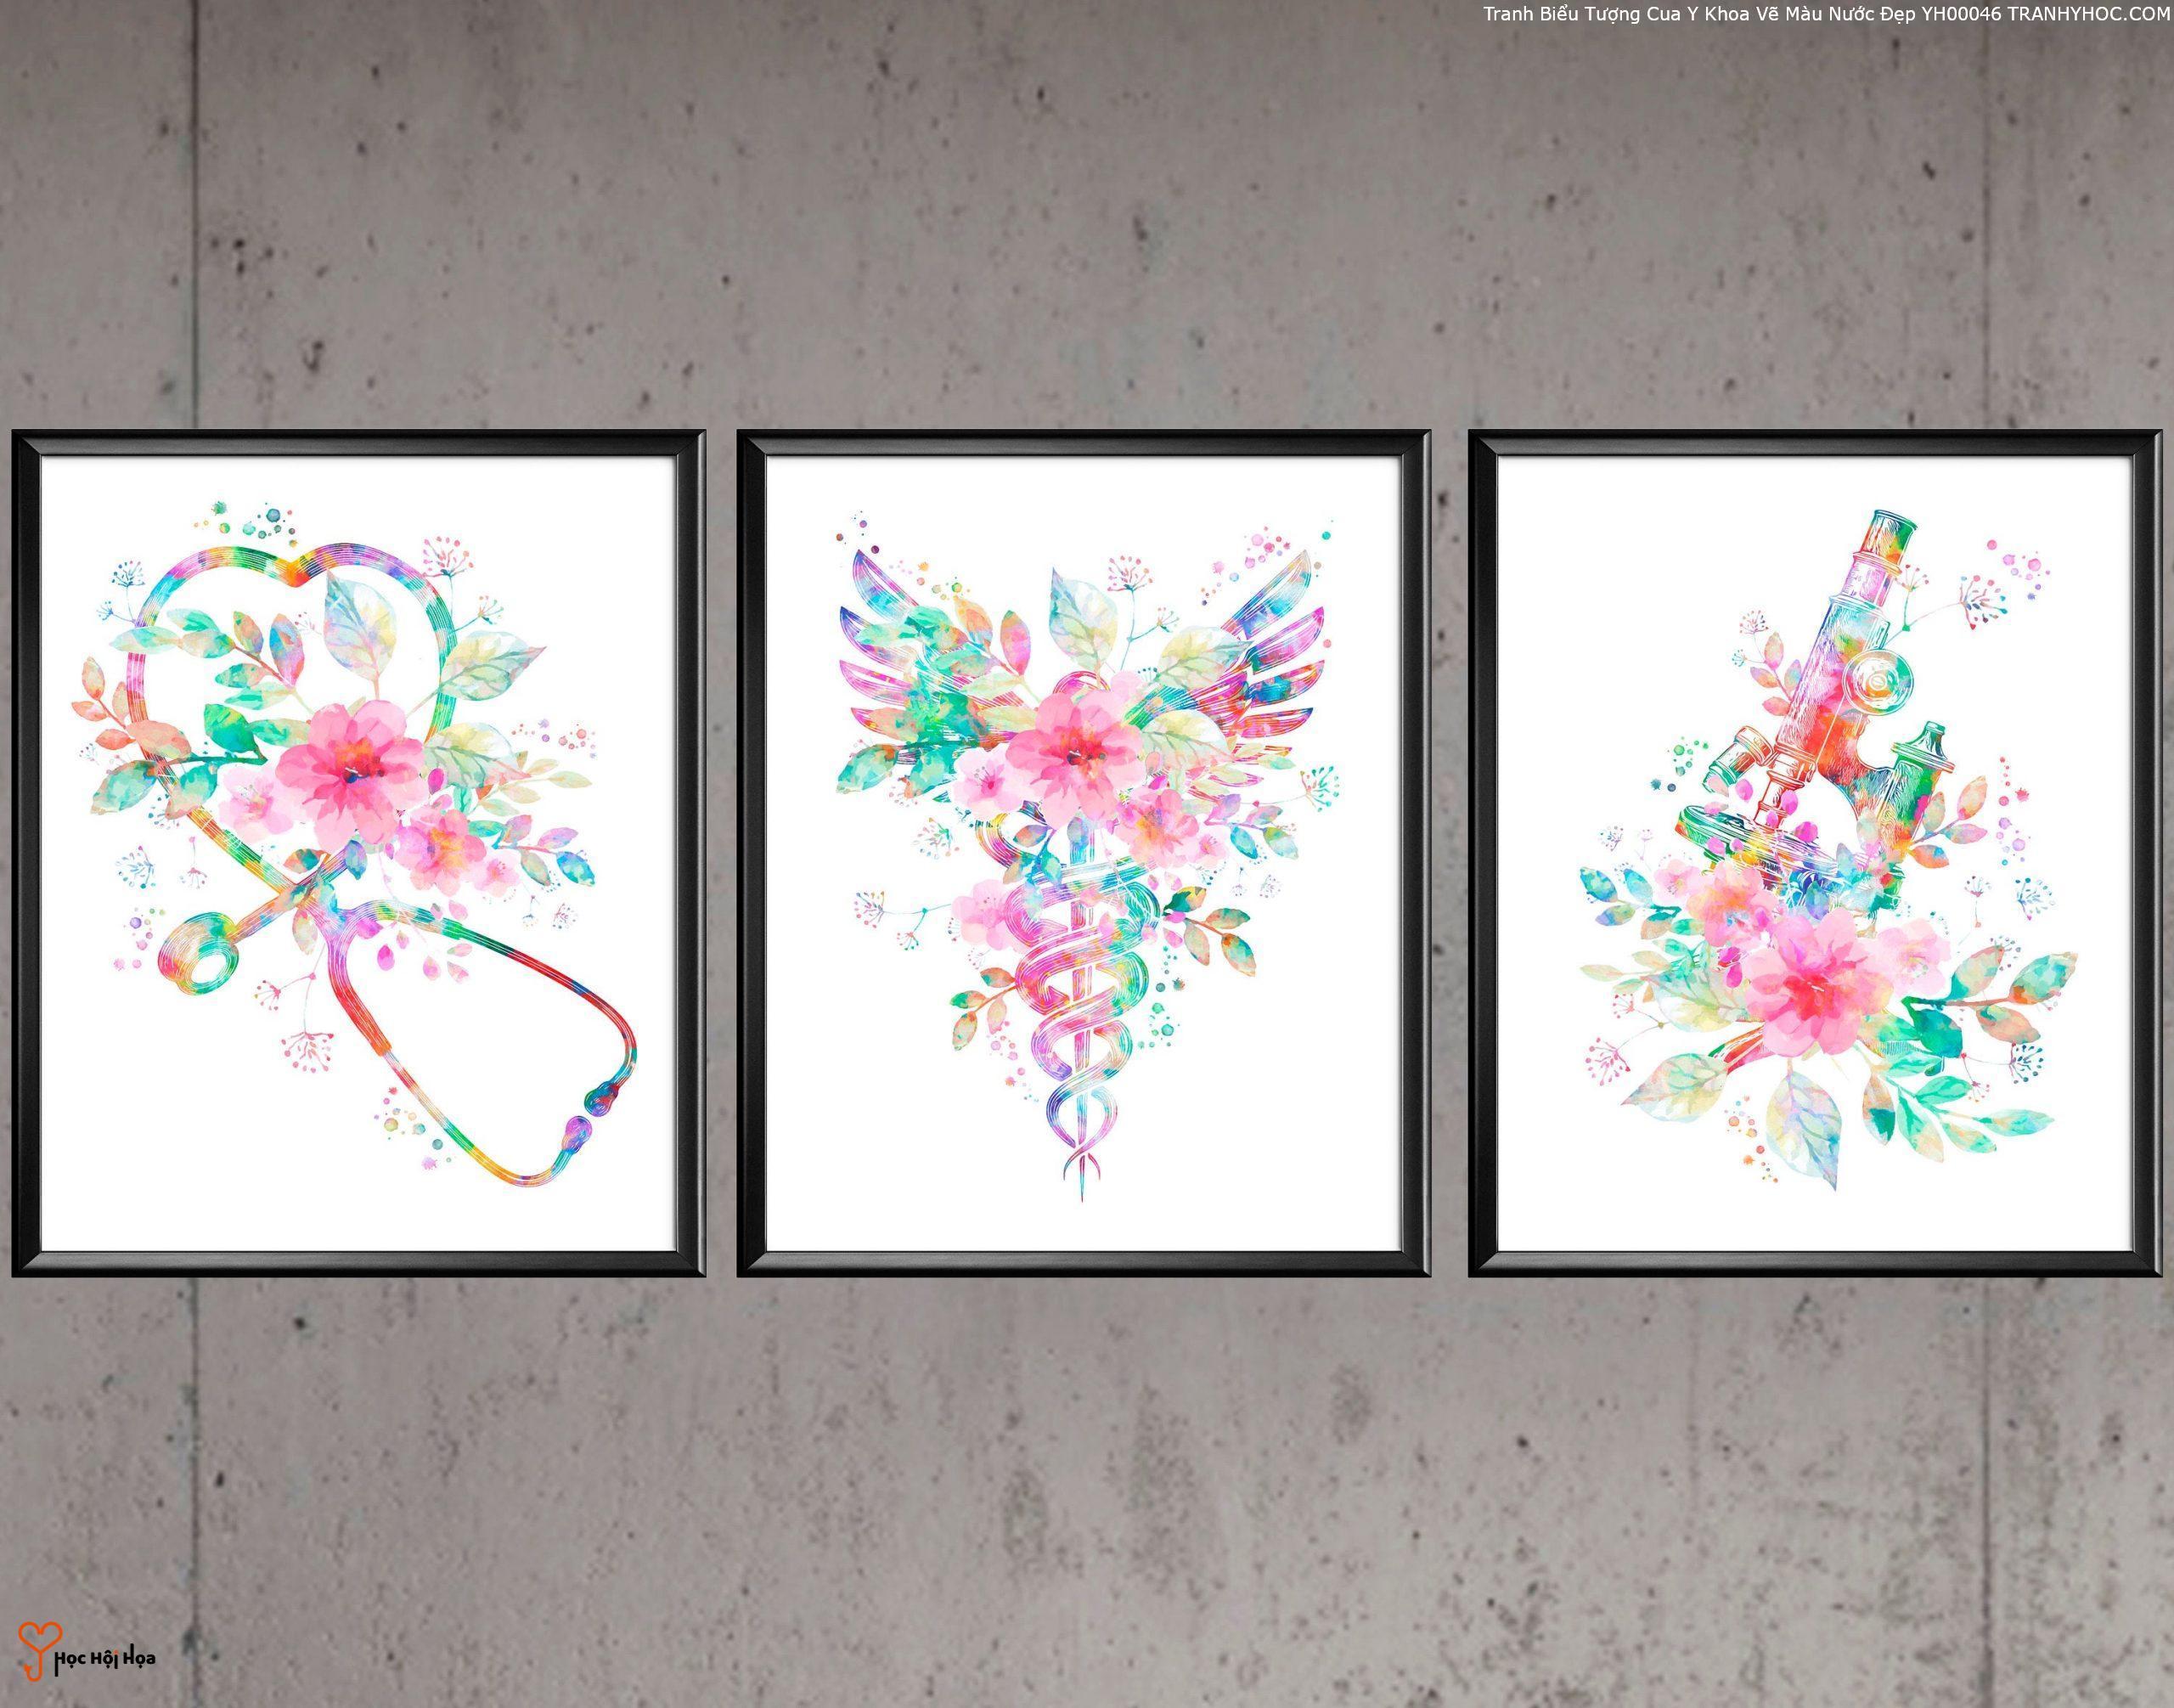 Tranh Biểu Tượng Cua Y Khoa Vẽ Màu Nước Đẹp YH00046